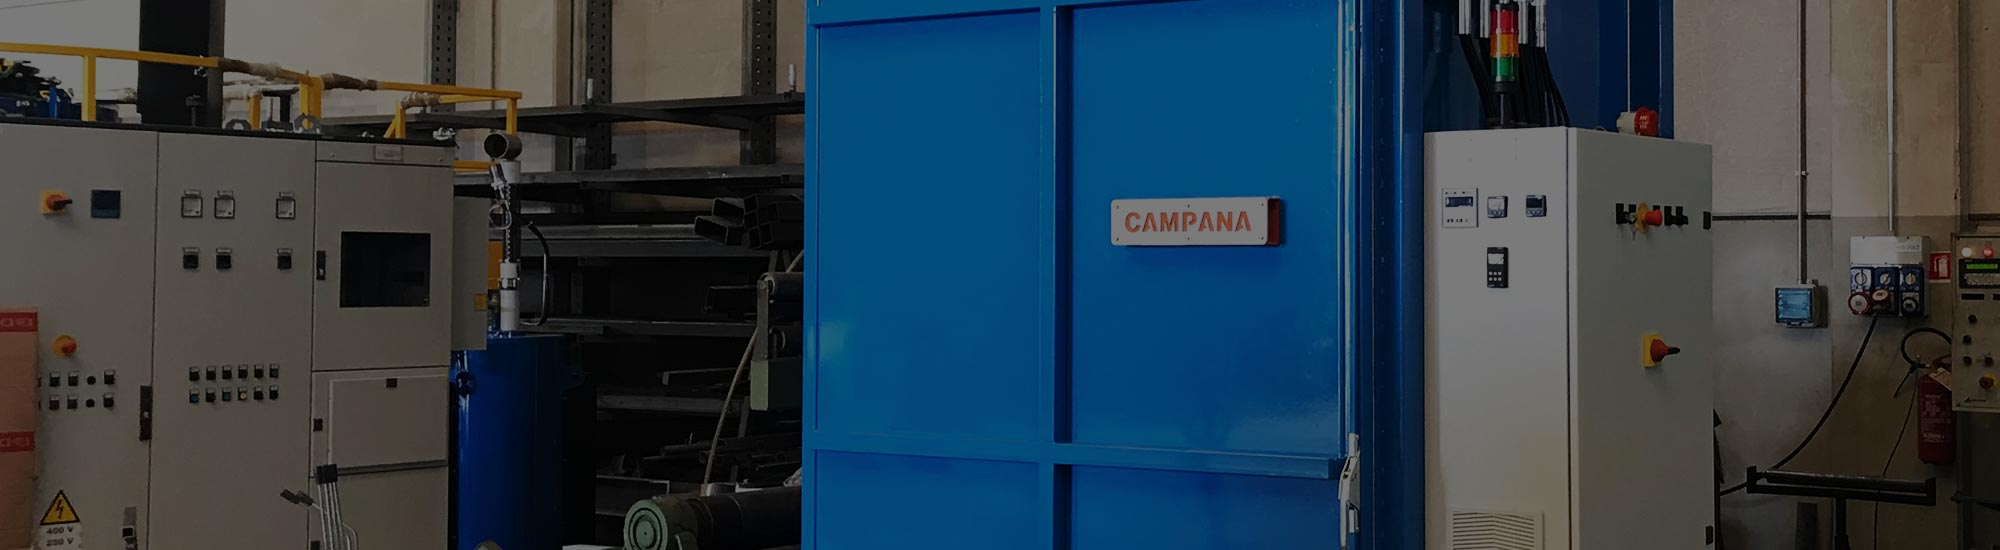 Campana_2000x500_slider3